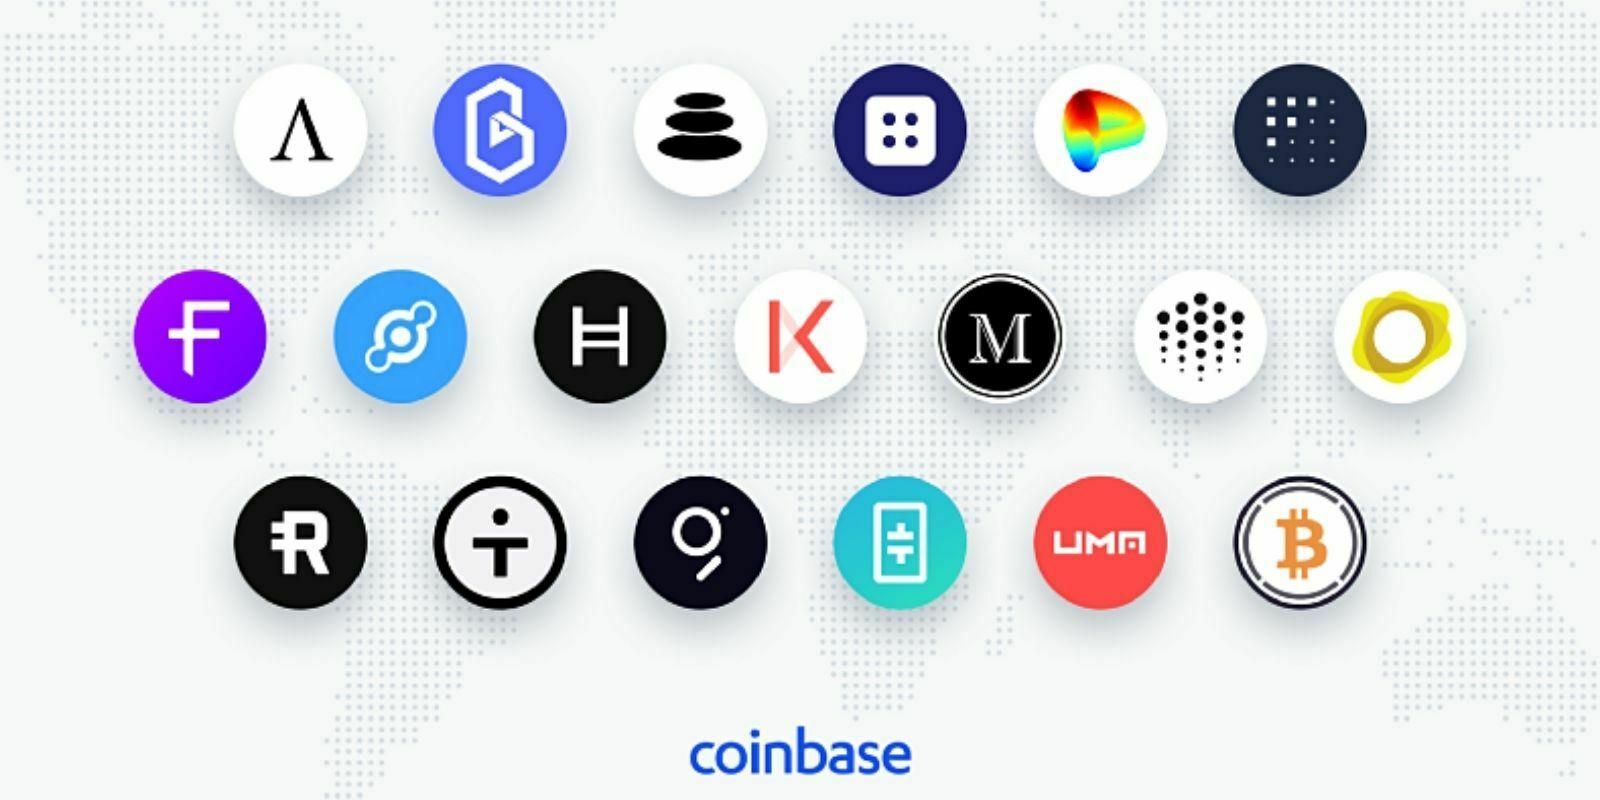 L'exchange Coinbase envisage l'ajout de 19 nouvelles cryptomonnaies